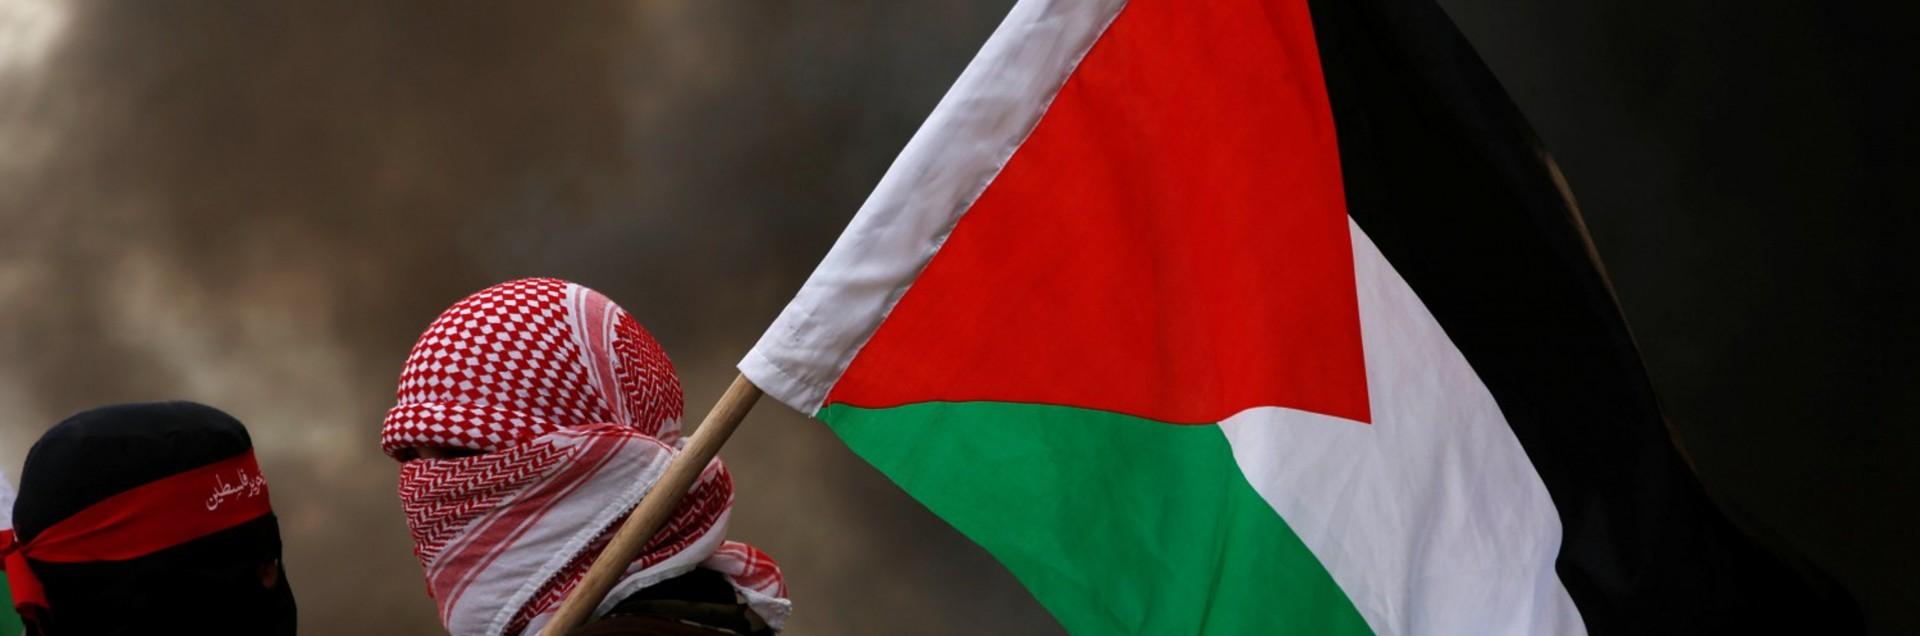 Perché gli sciiti sostengono i palestinesi